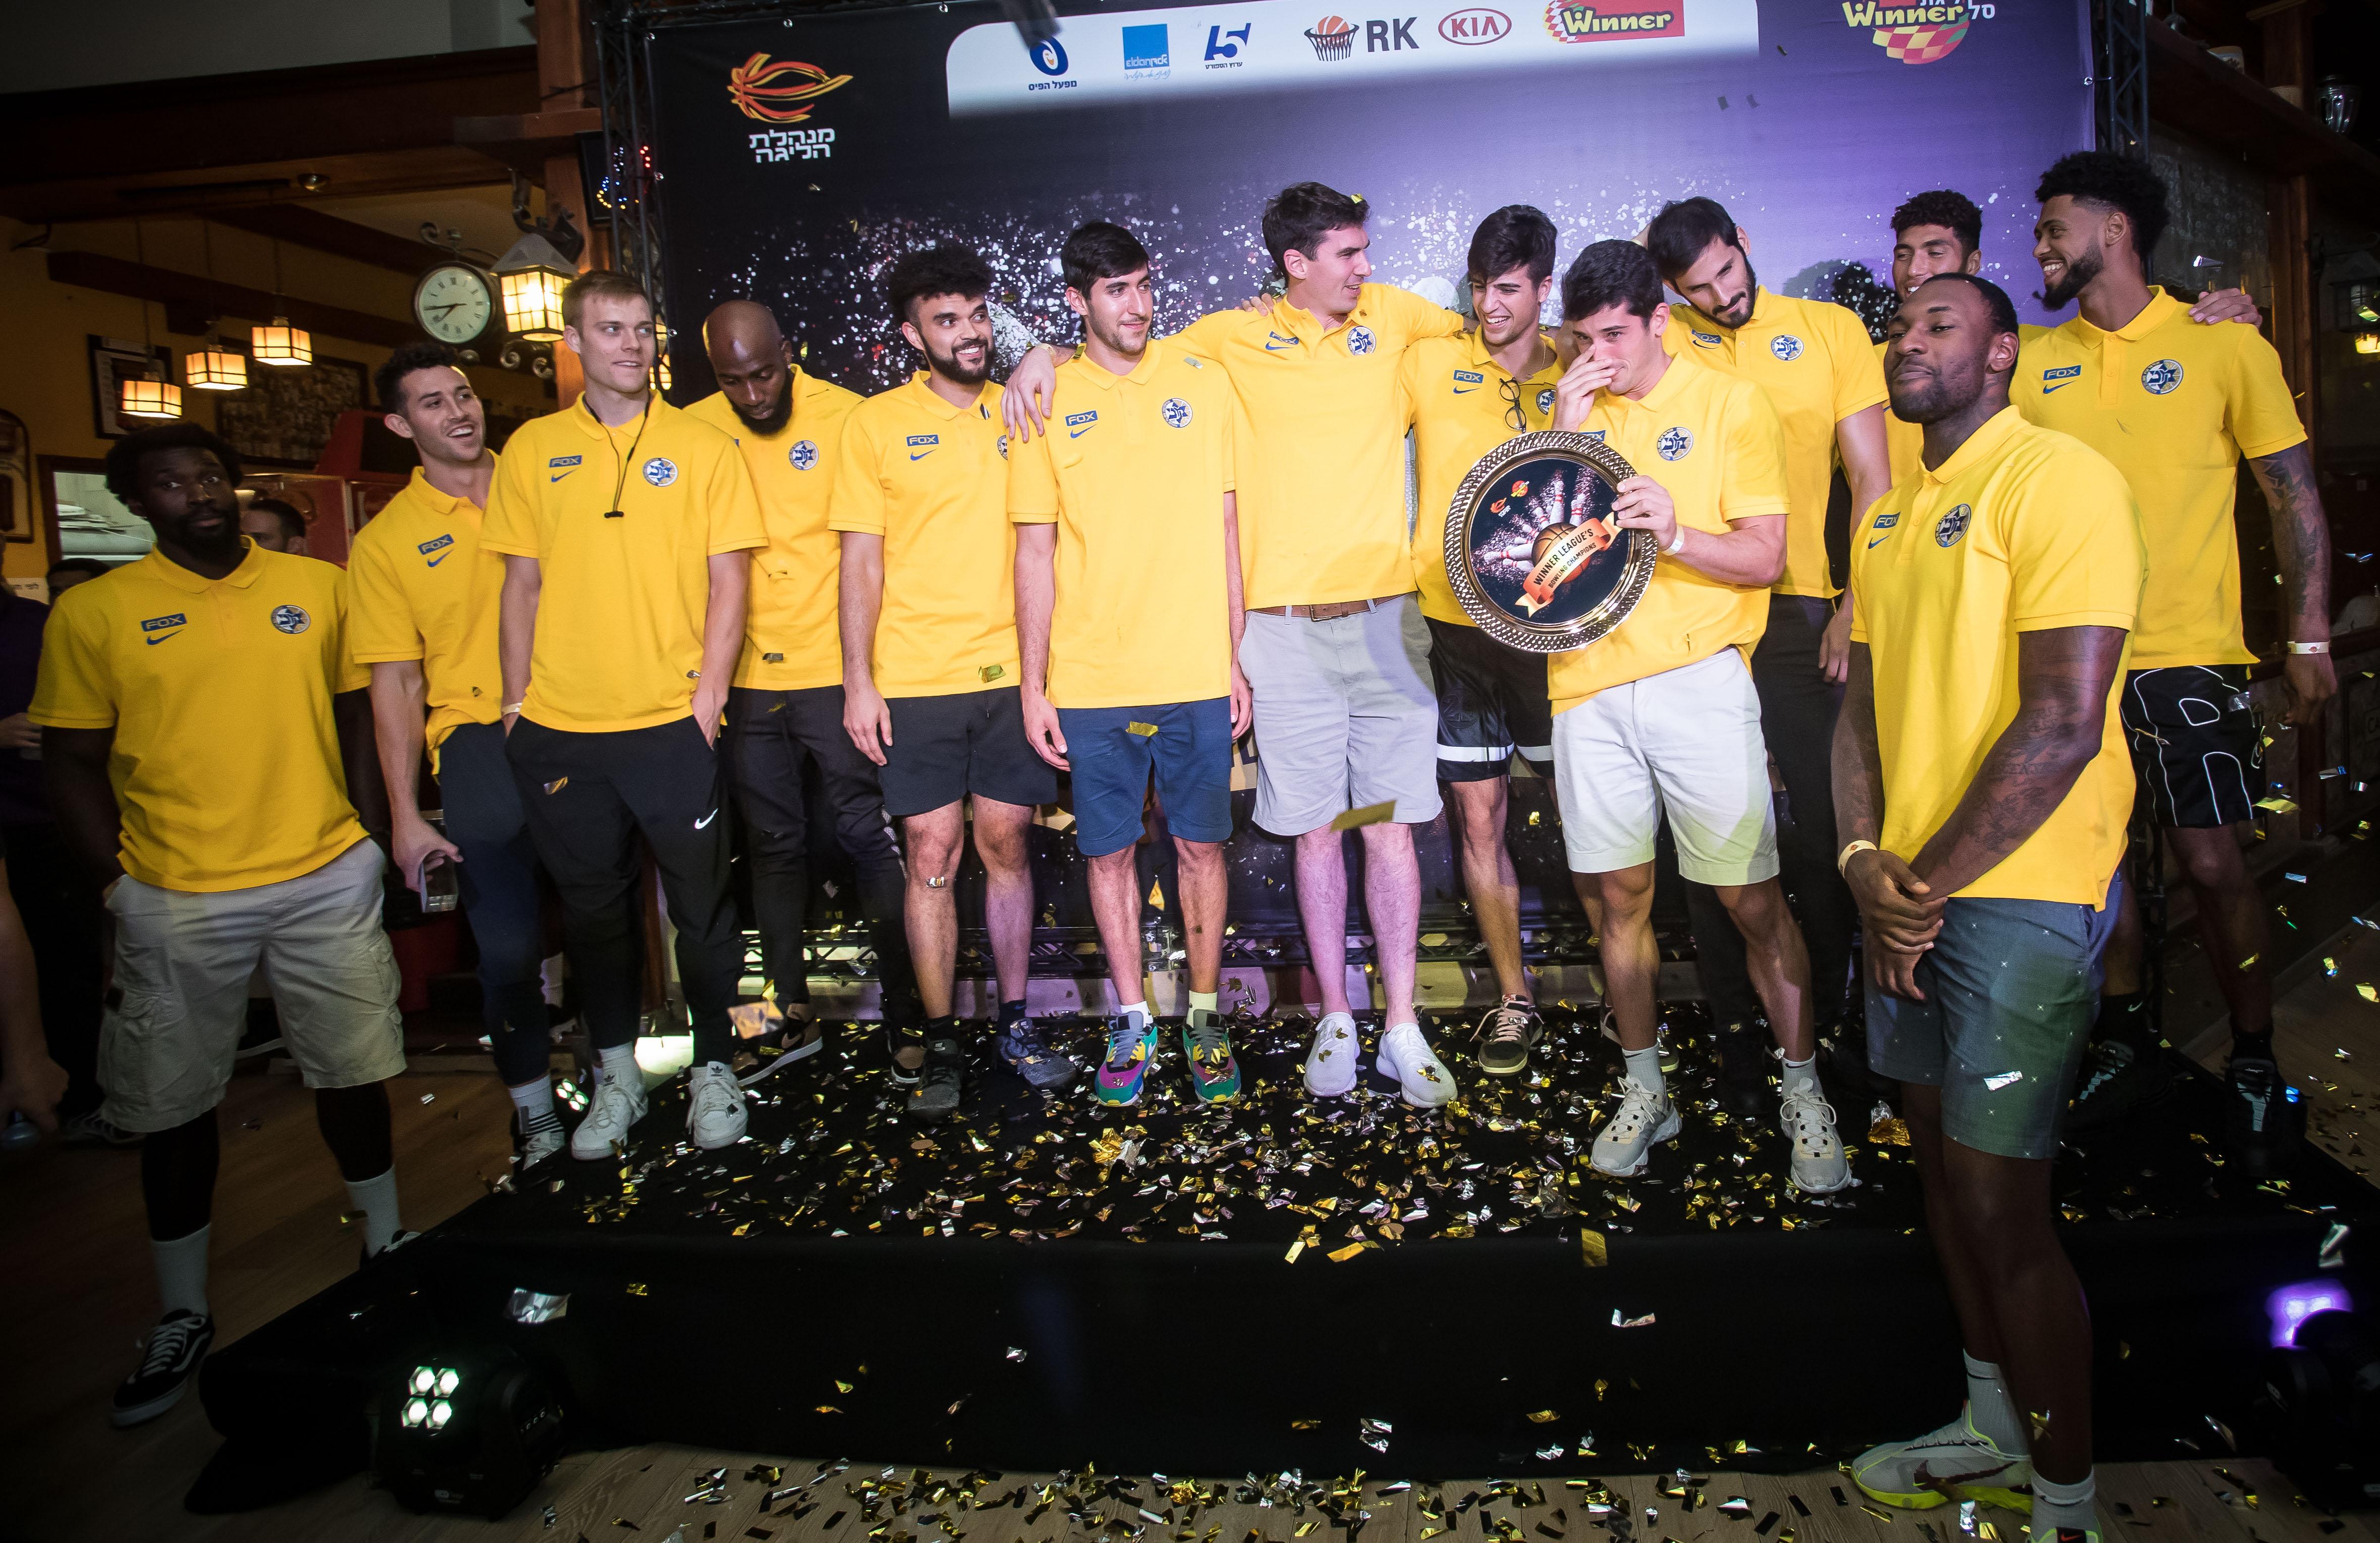 צפו: אליפות הבאולינג של ליגת ווינר סל